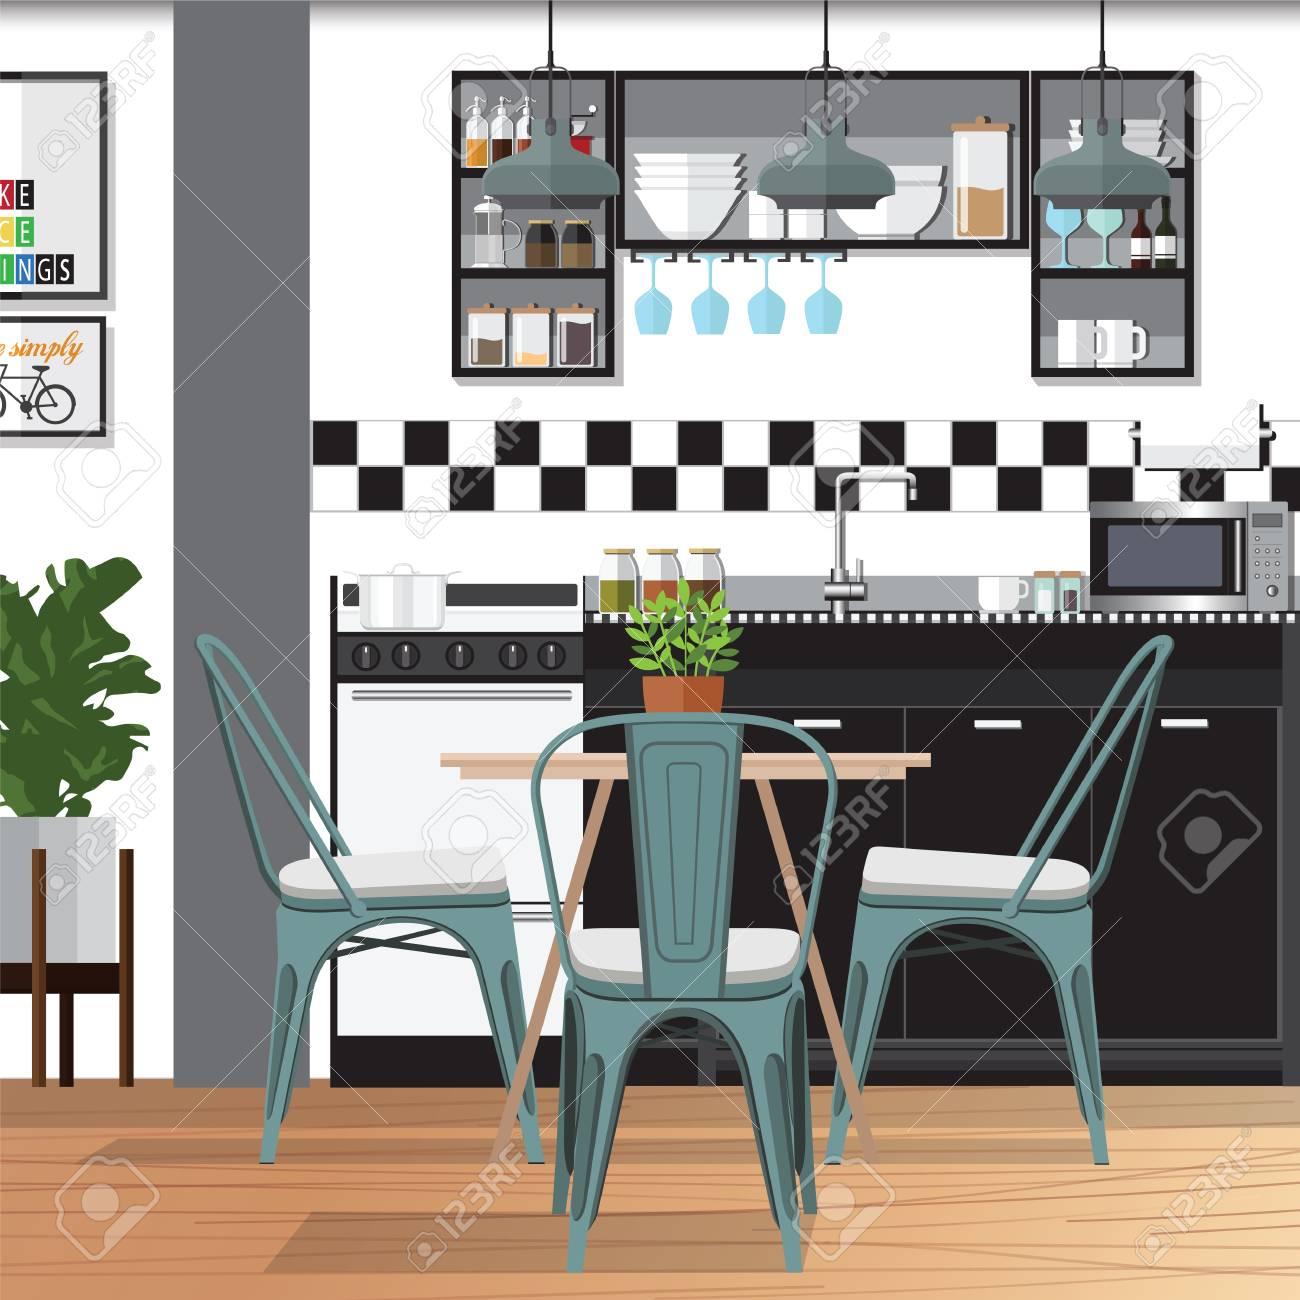 Großartig Küchenbar Lichtdesign Bilder - Ideen Für Die Küche ...